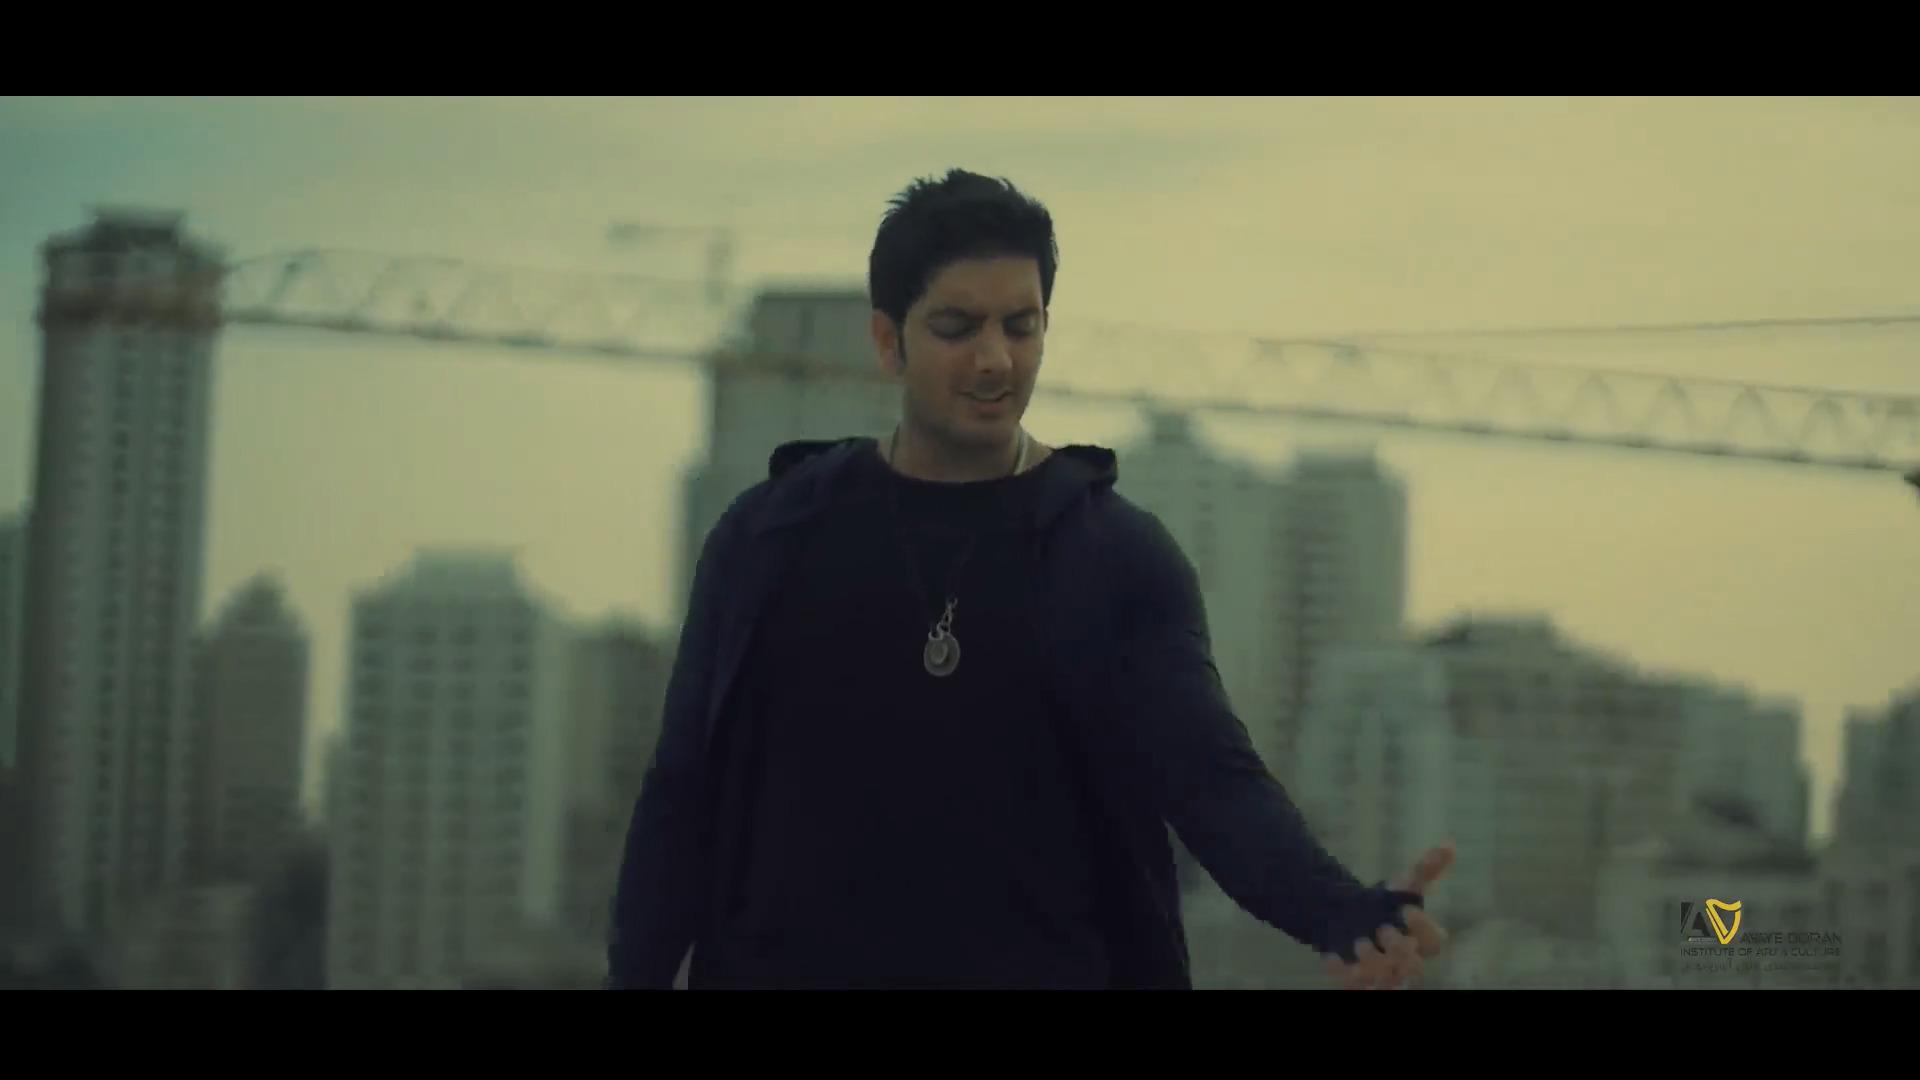 دانلود موزیک ویدیو فرزاد فرزین به نام روزای تاریک